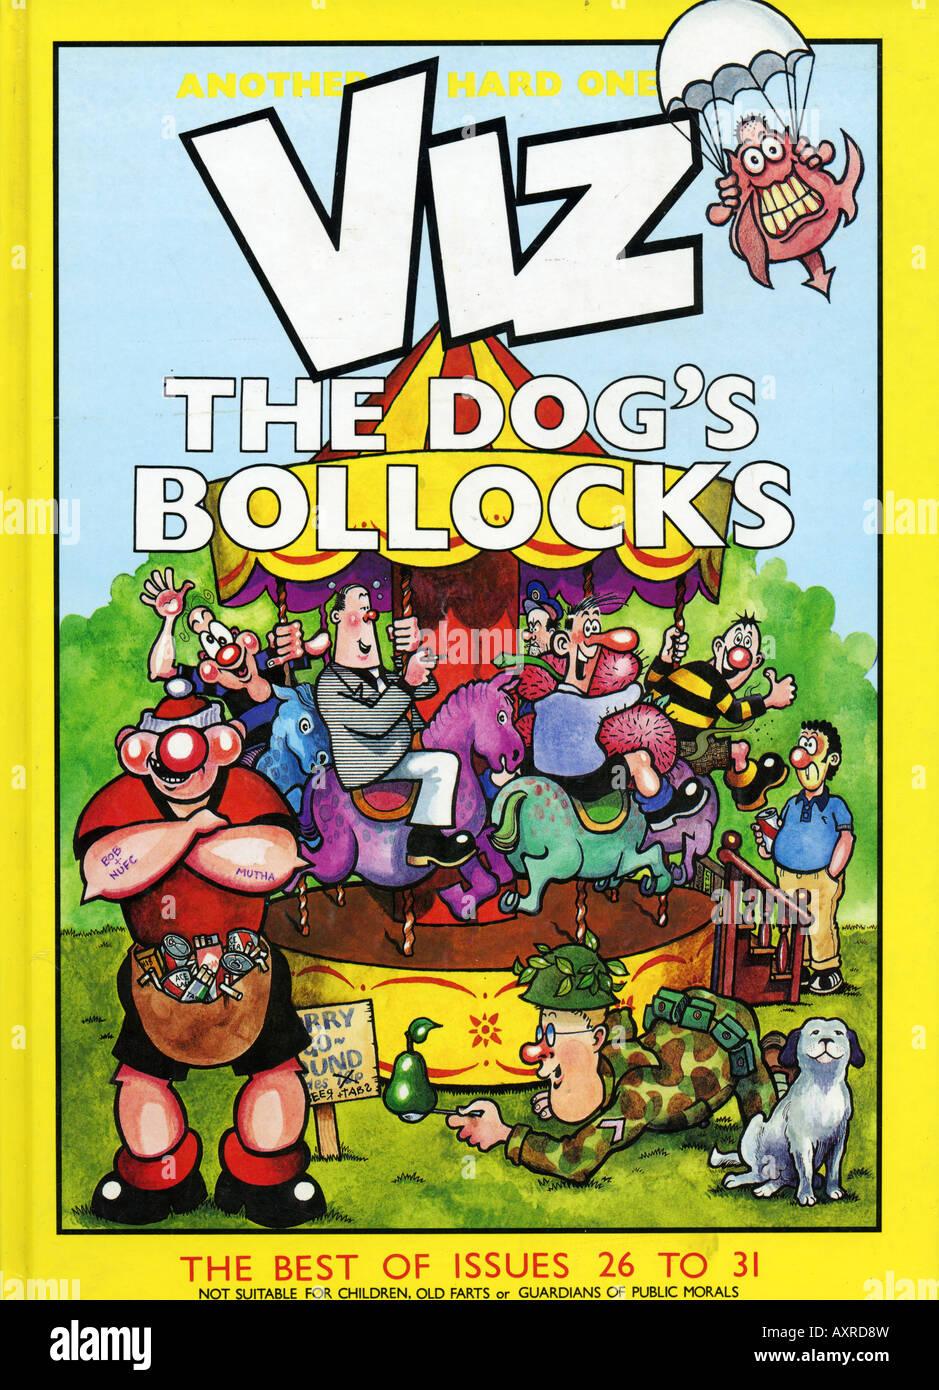 Anni ottanta 1989 Viz Comic questioni annuale da 26 a 31 per solo uso editoriale Immagini Stock